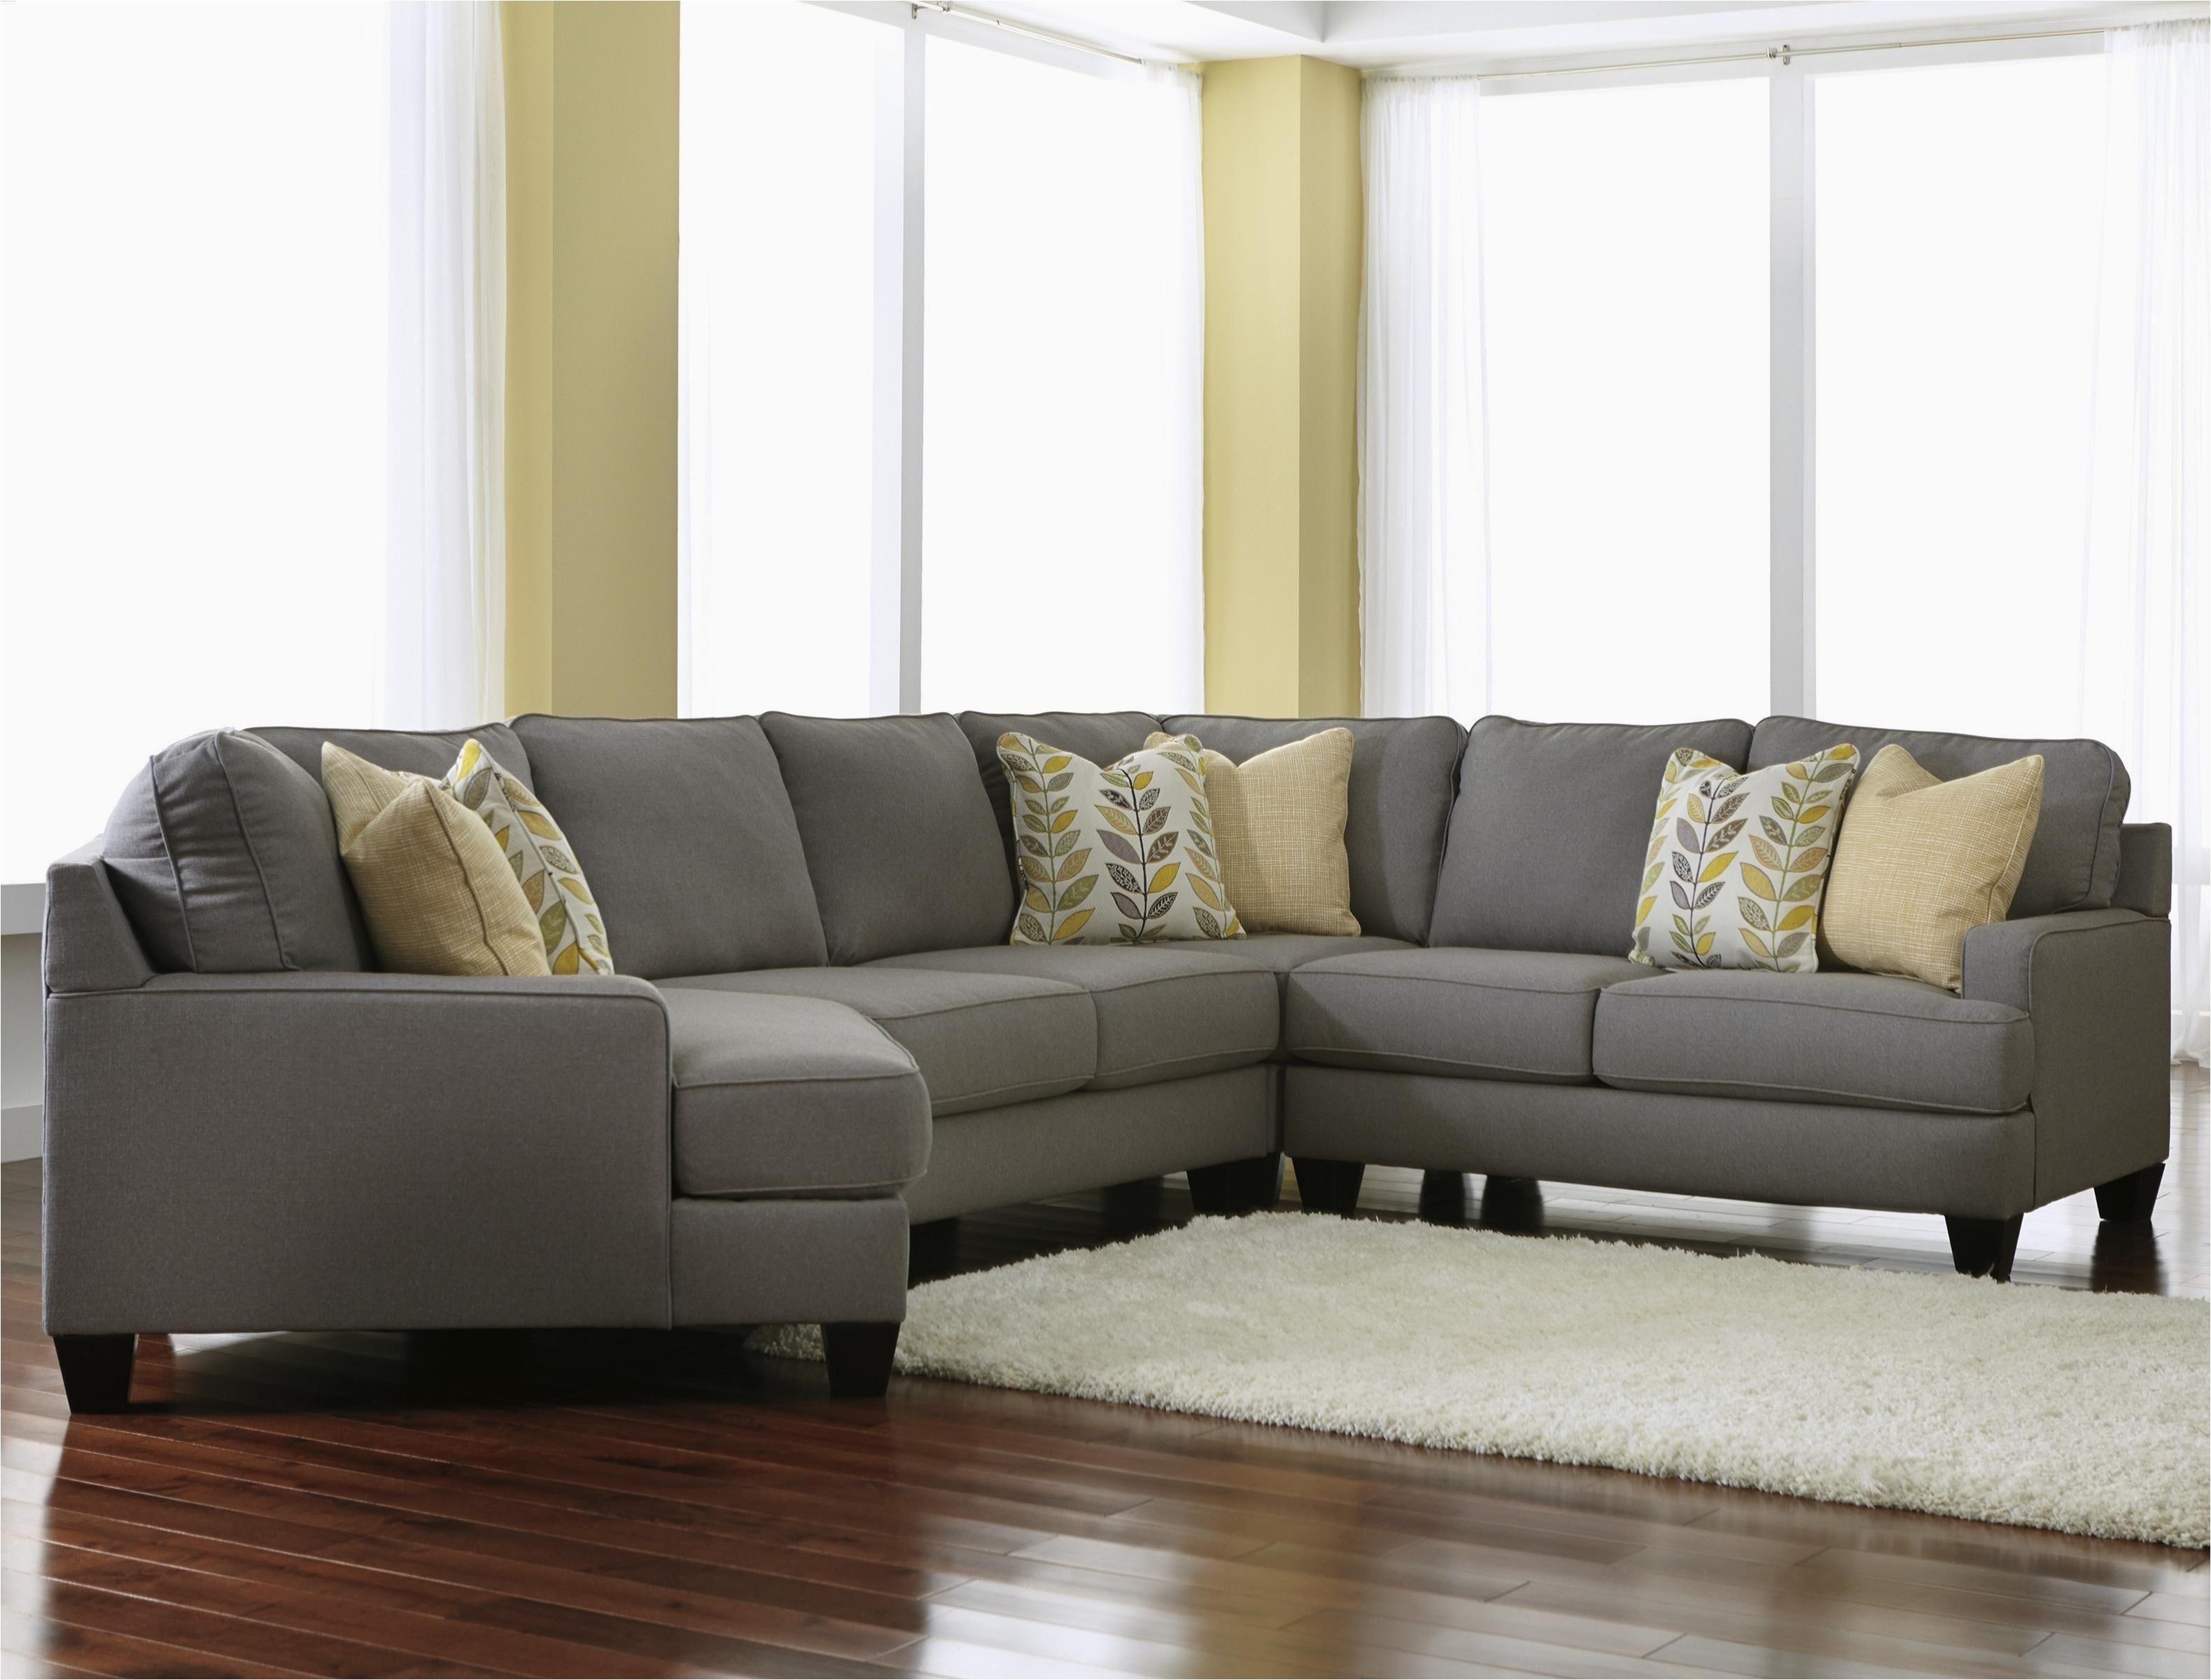 art van living room furniture unique art van dining room inspirational mobel yellow living room lounge